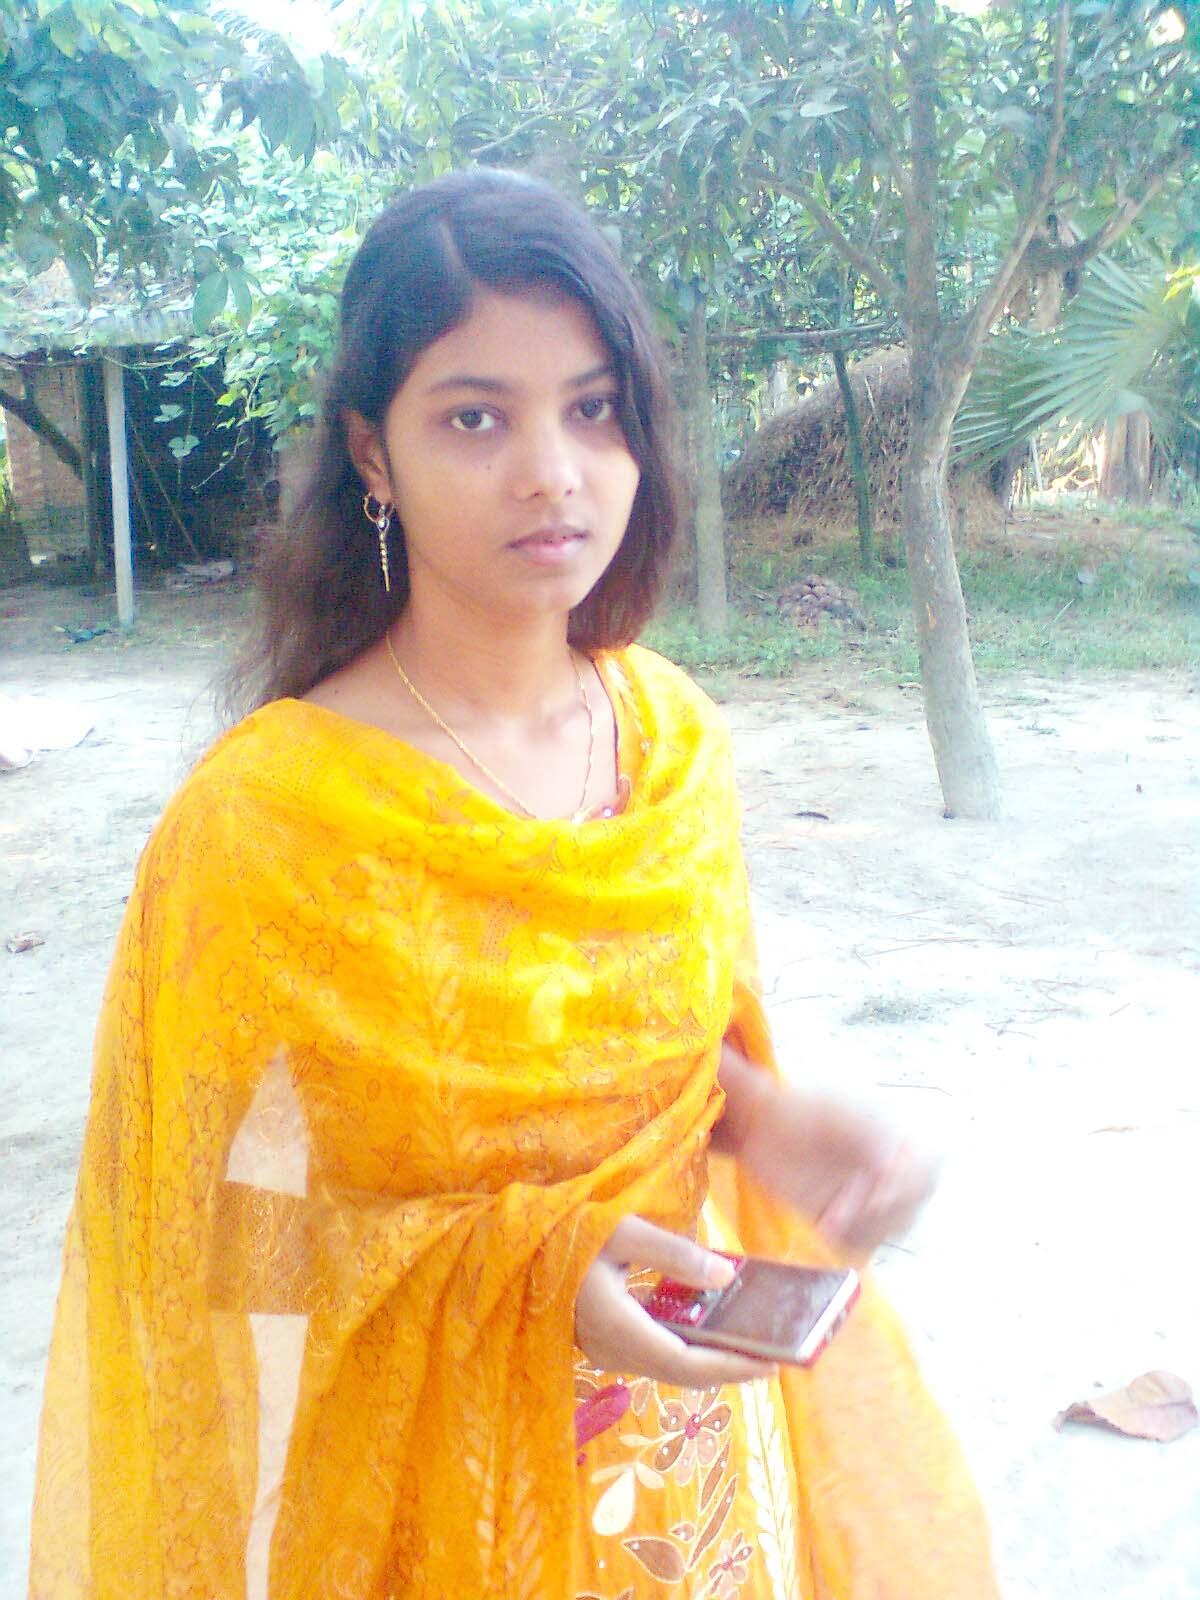 swedish-pornstar-bangladeshi-village-girls-nude